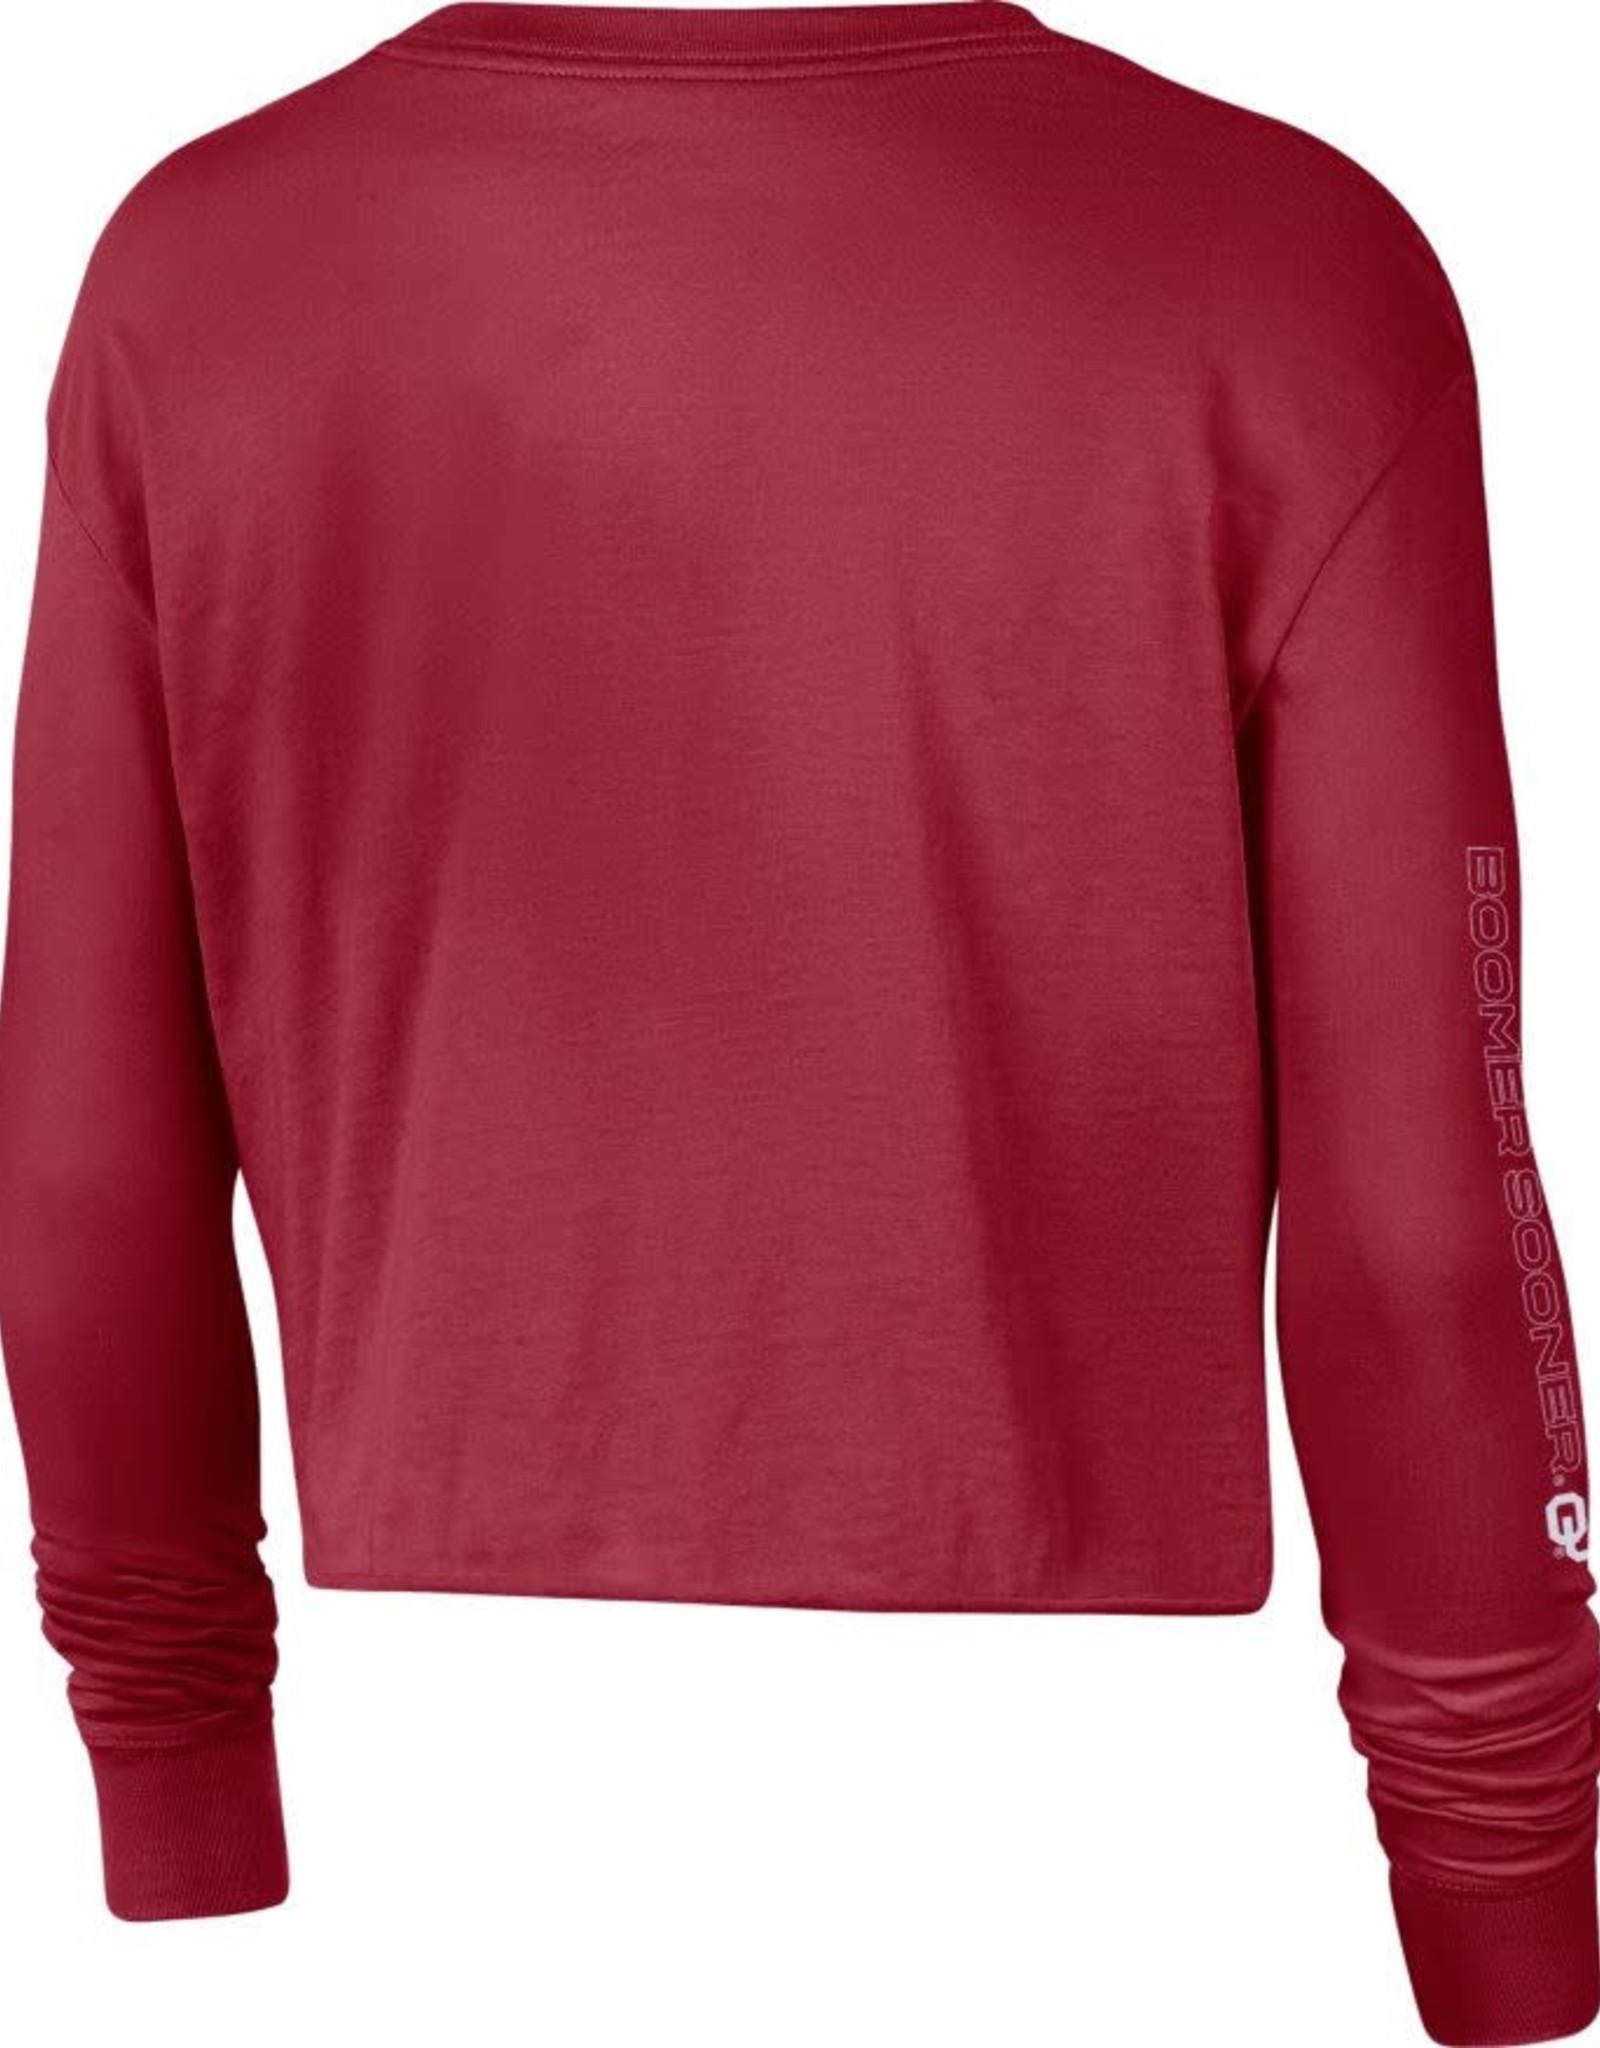 Nike Women's Nike Crimson OU Long-sleeve Crop Sweatshirt